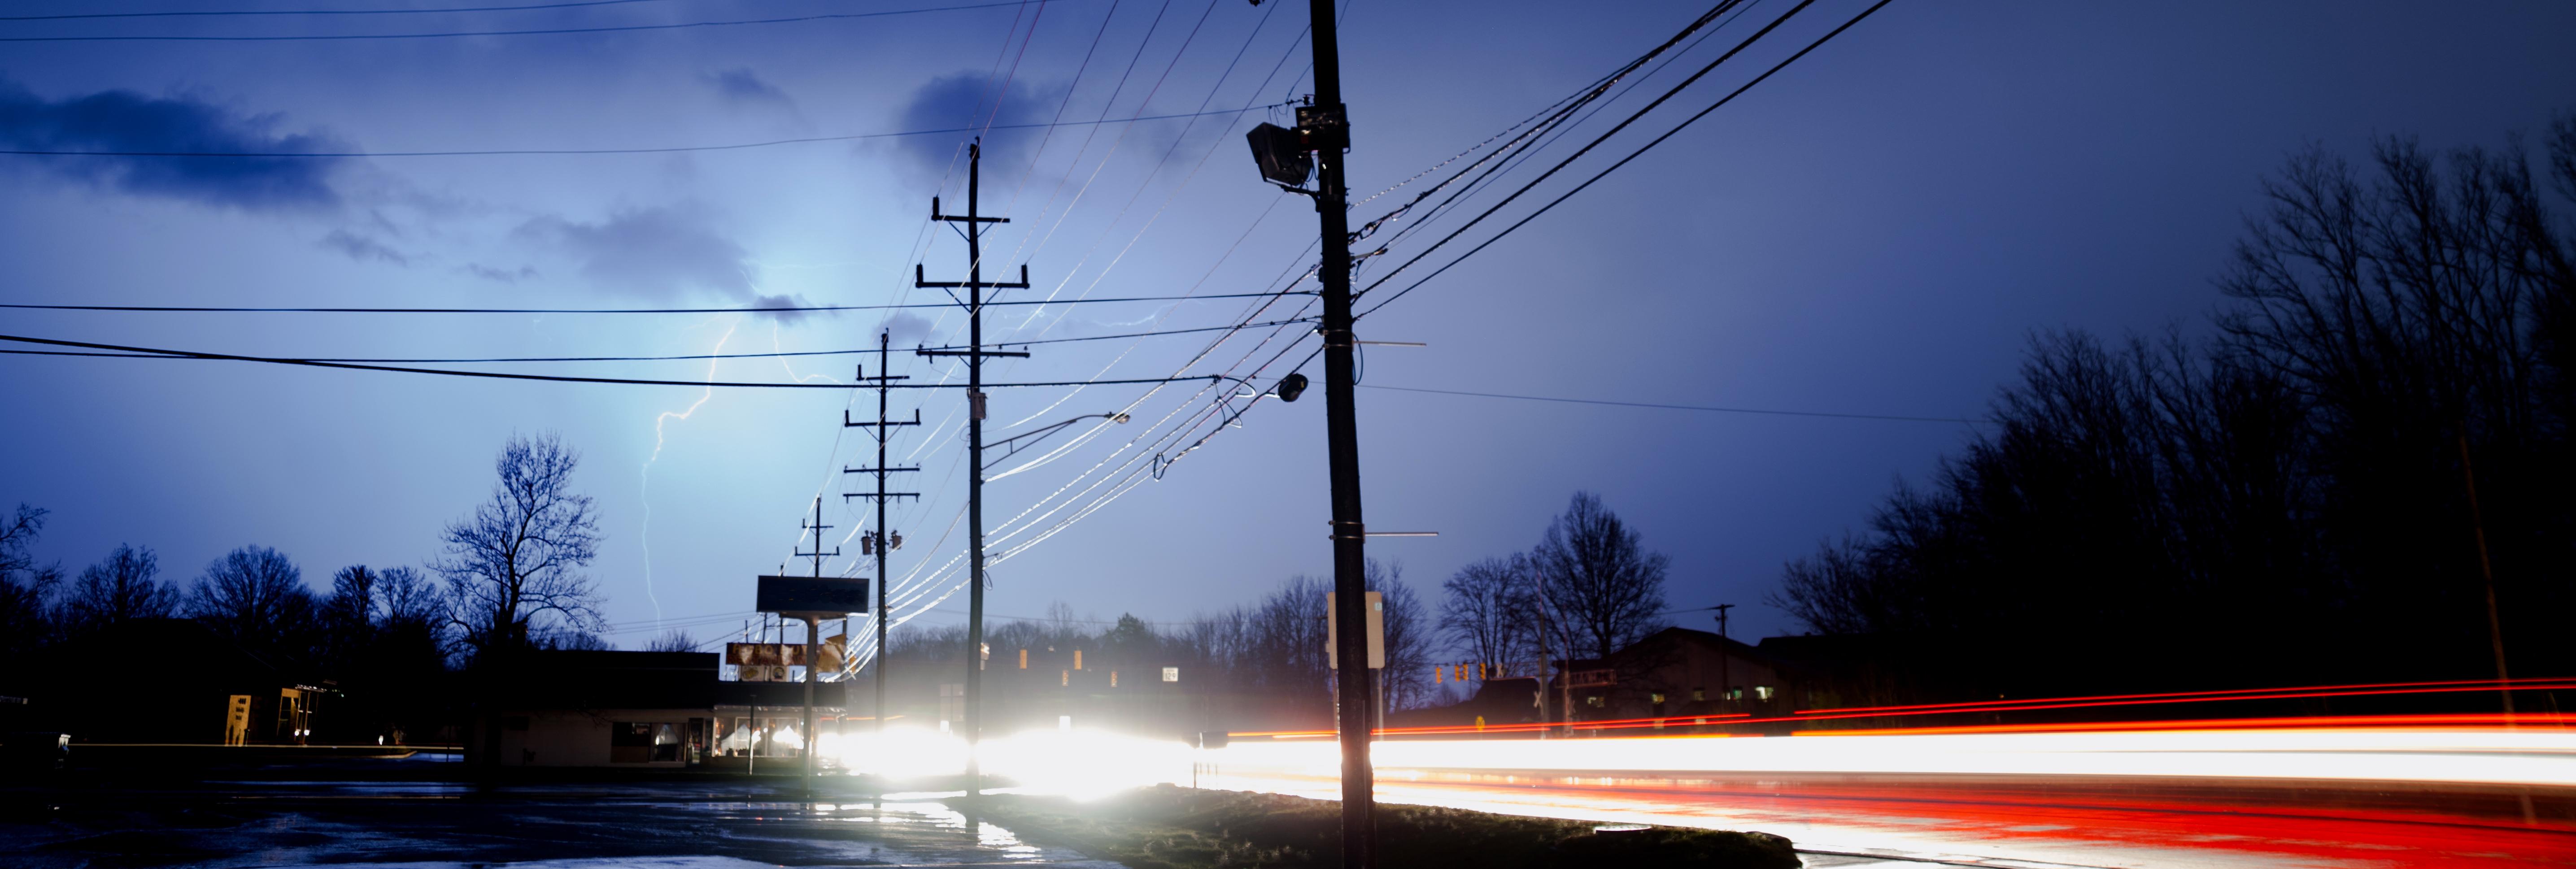 Naco zwrócić uwagę przy podpisywaniu umowy odnośnie zmiany dostawcy energii!?